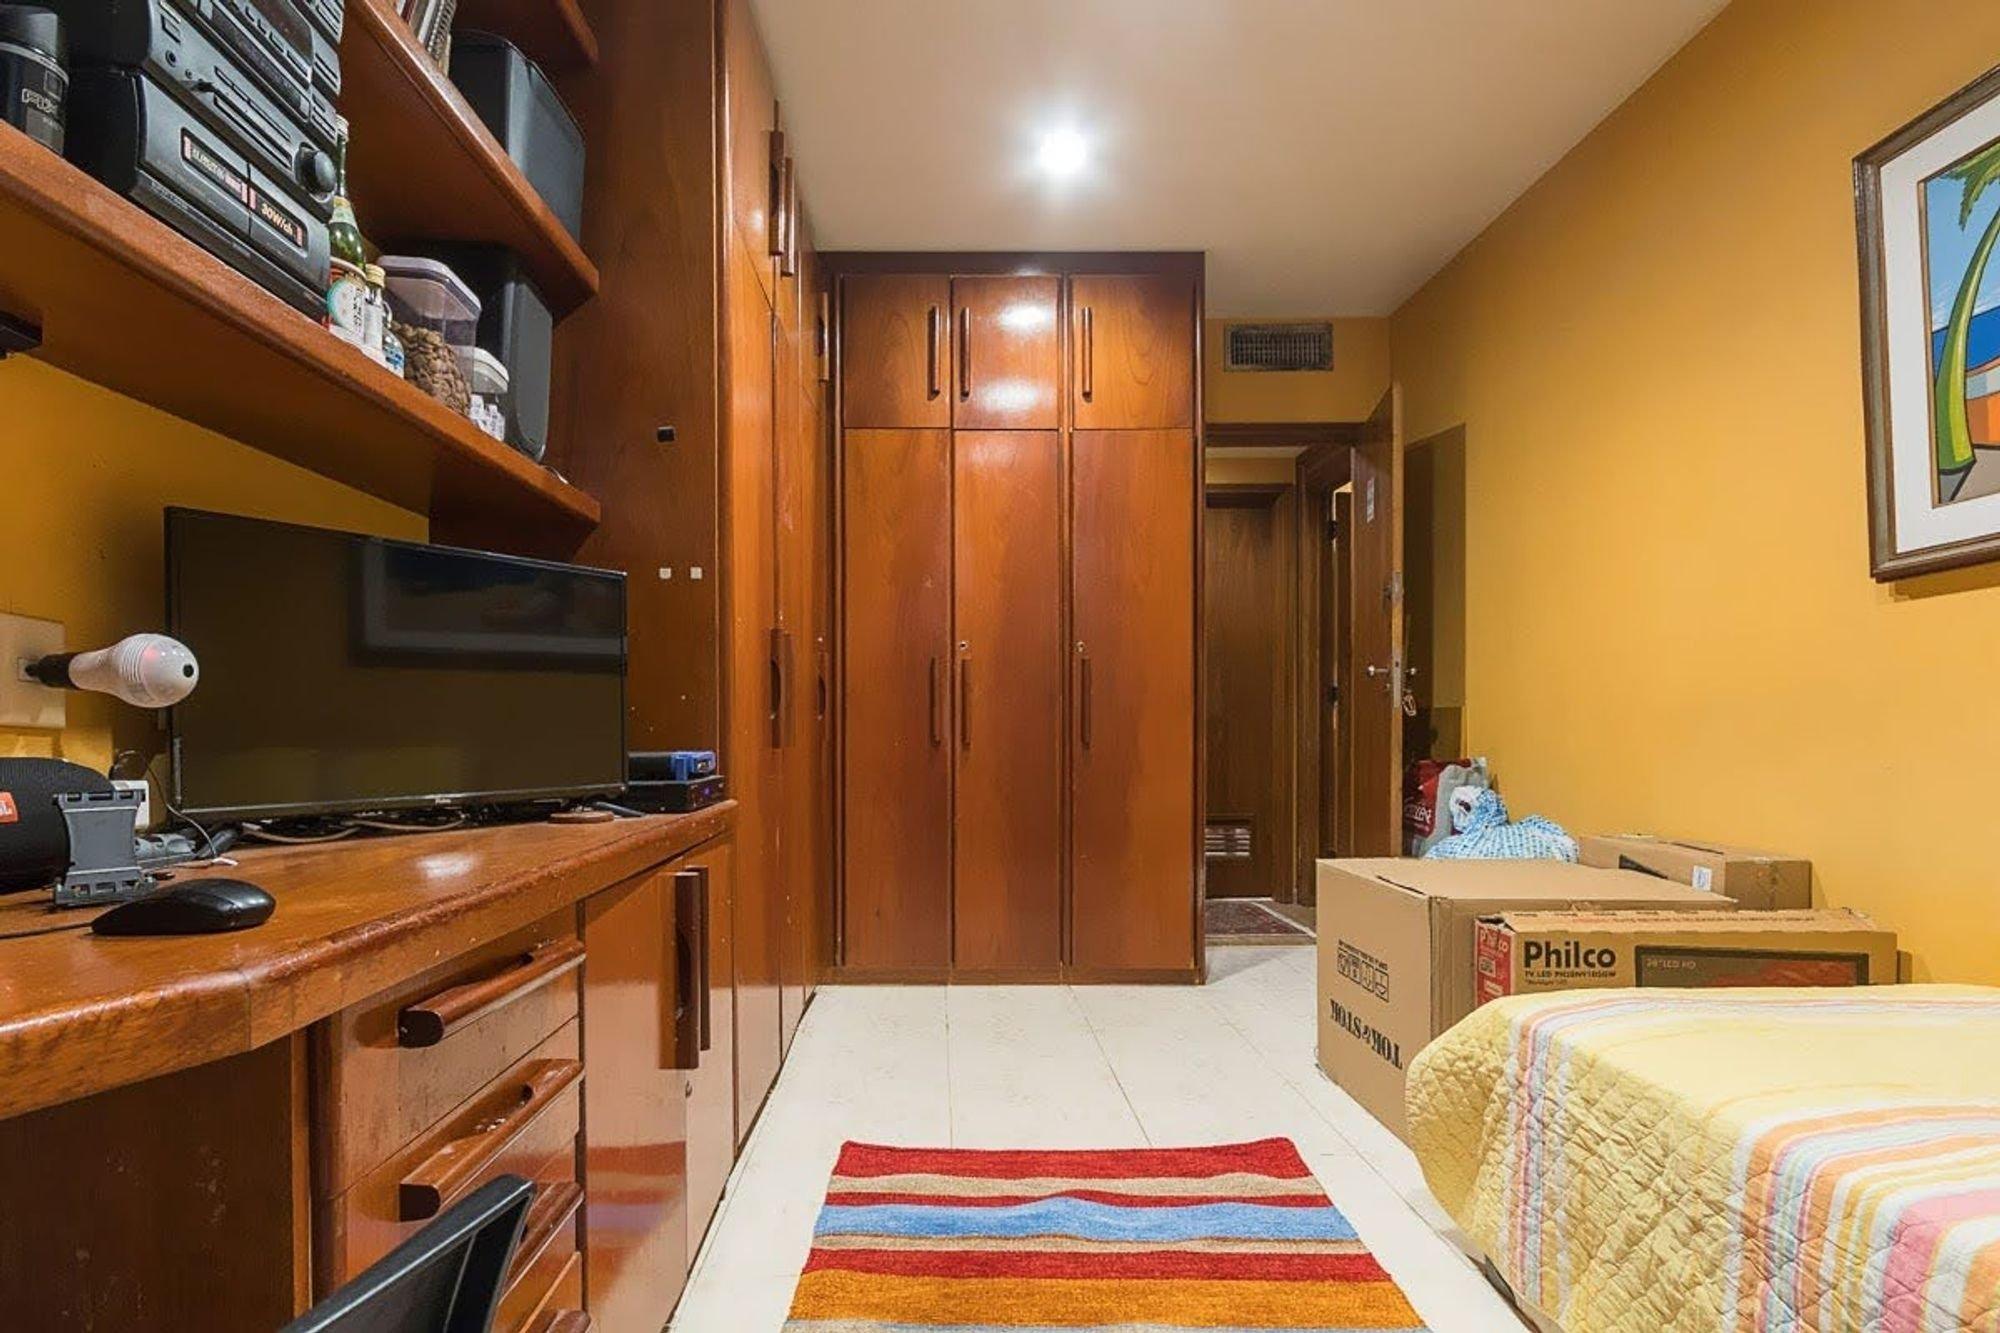 Foto de Cozinha com cama, televisão, cadeira